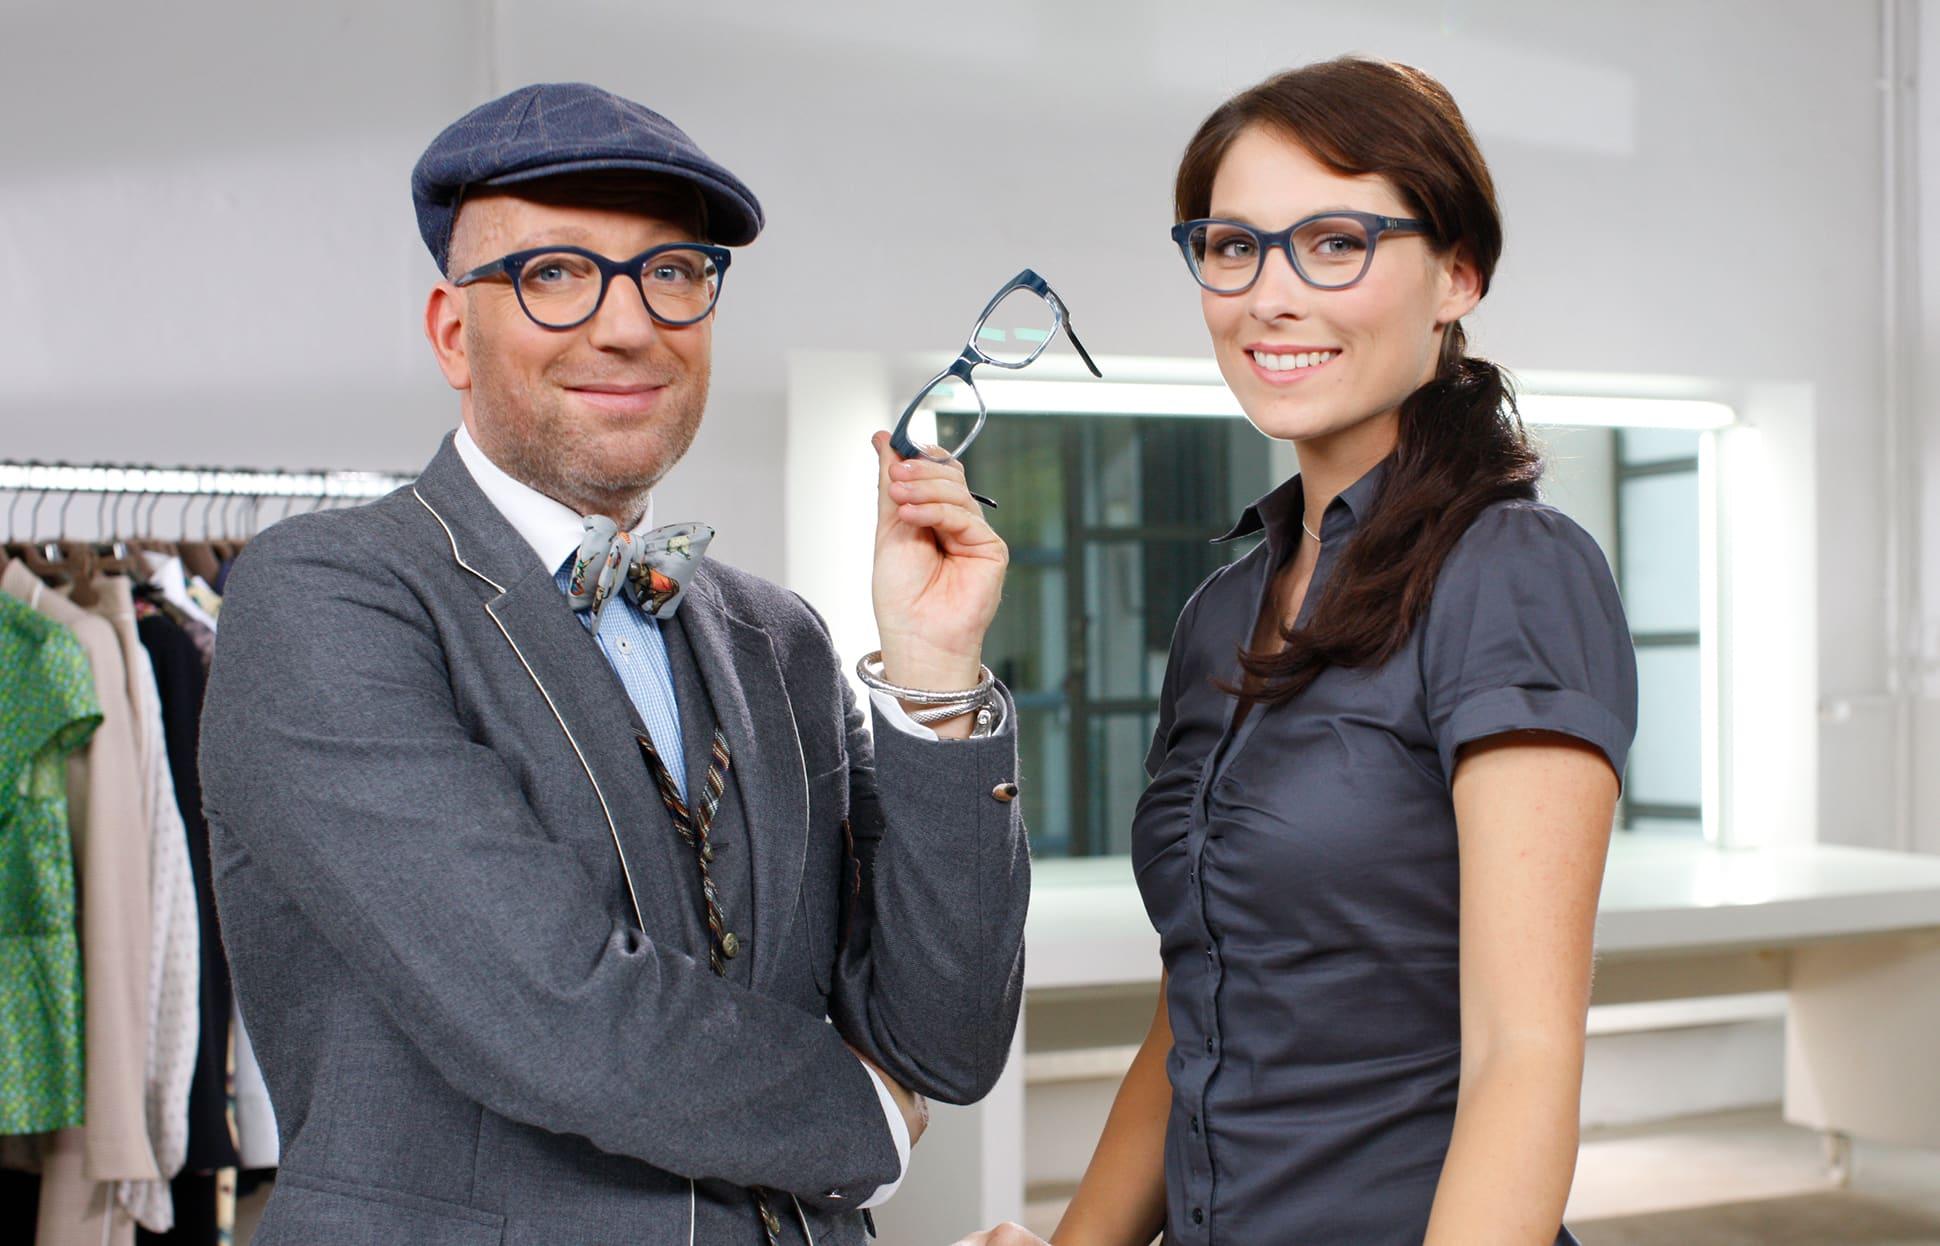 gesichtsformen welche brille ist die richtige brillenstyling. Black Bedroom Furniture Sets. Home Design Ideas